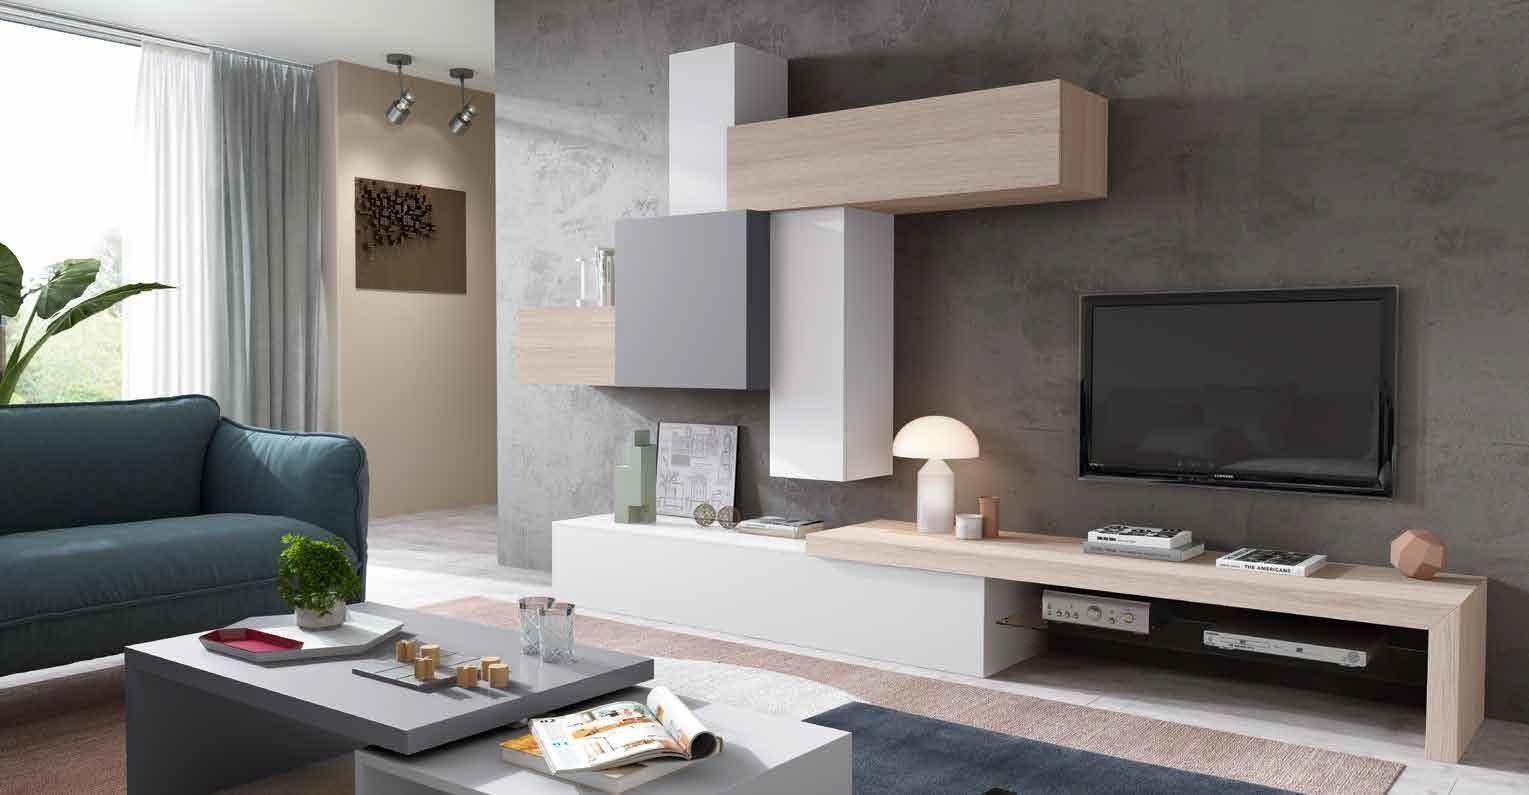 Salones modernos impersonal 2k15 4 en mobel 6000 design - Diseno salones modernos ...